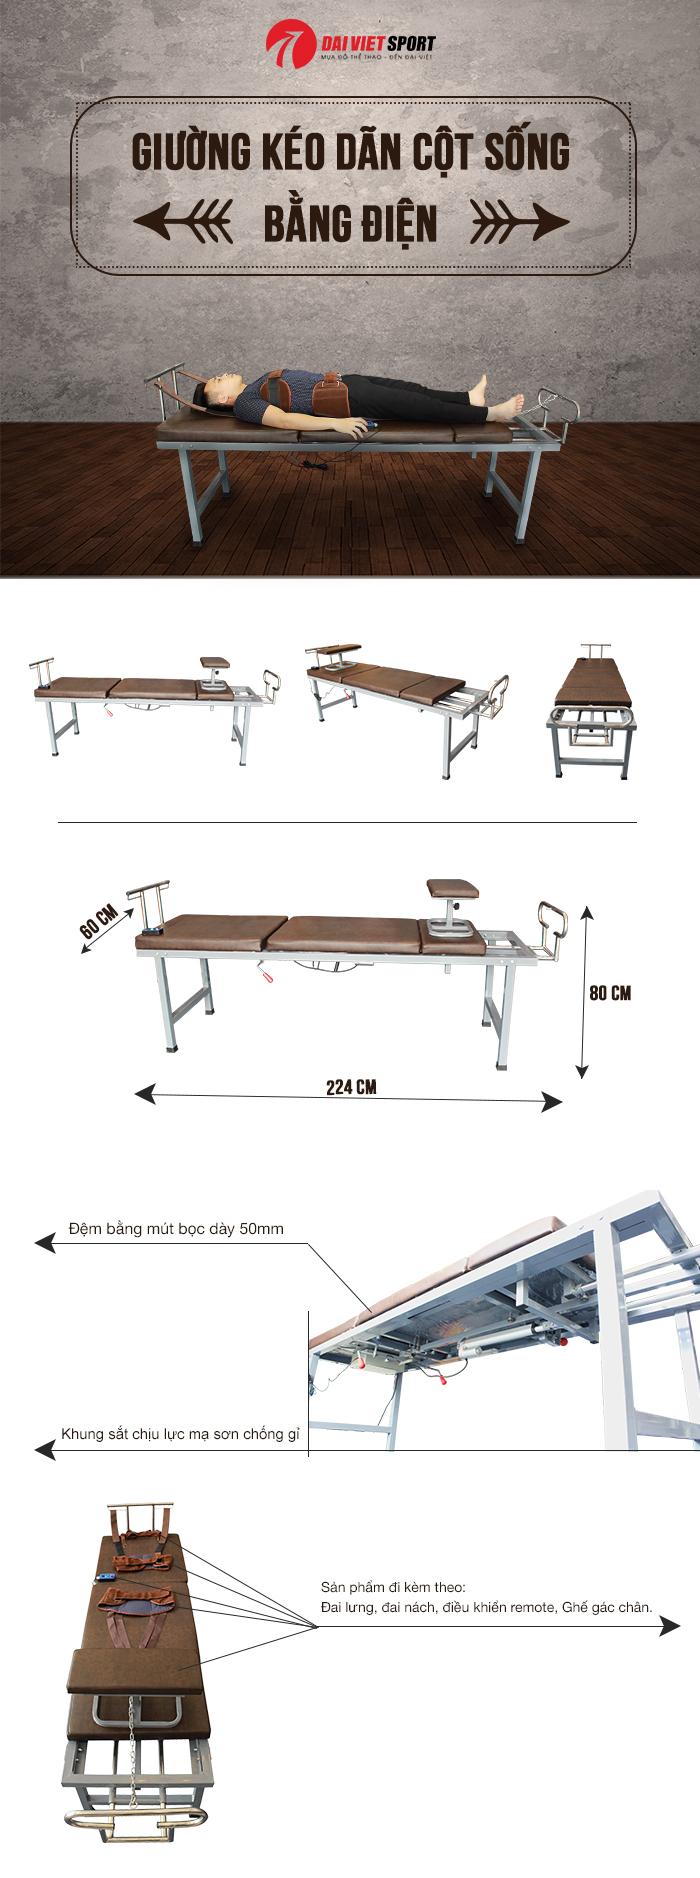 Giường kéo dãn cột sống bằng điện